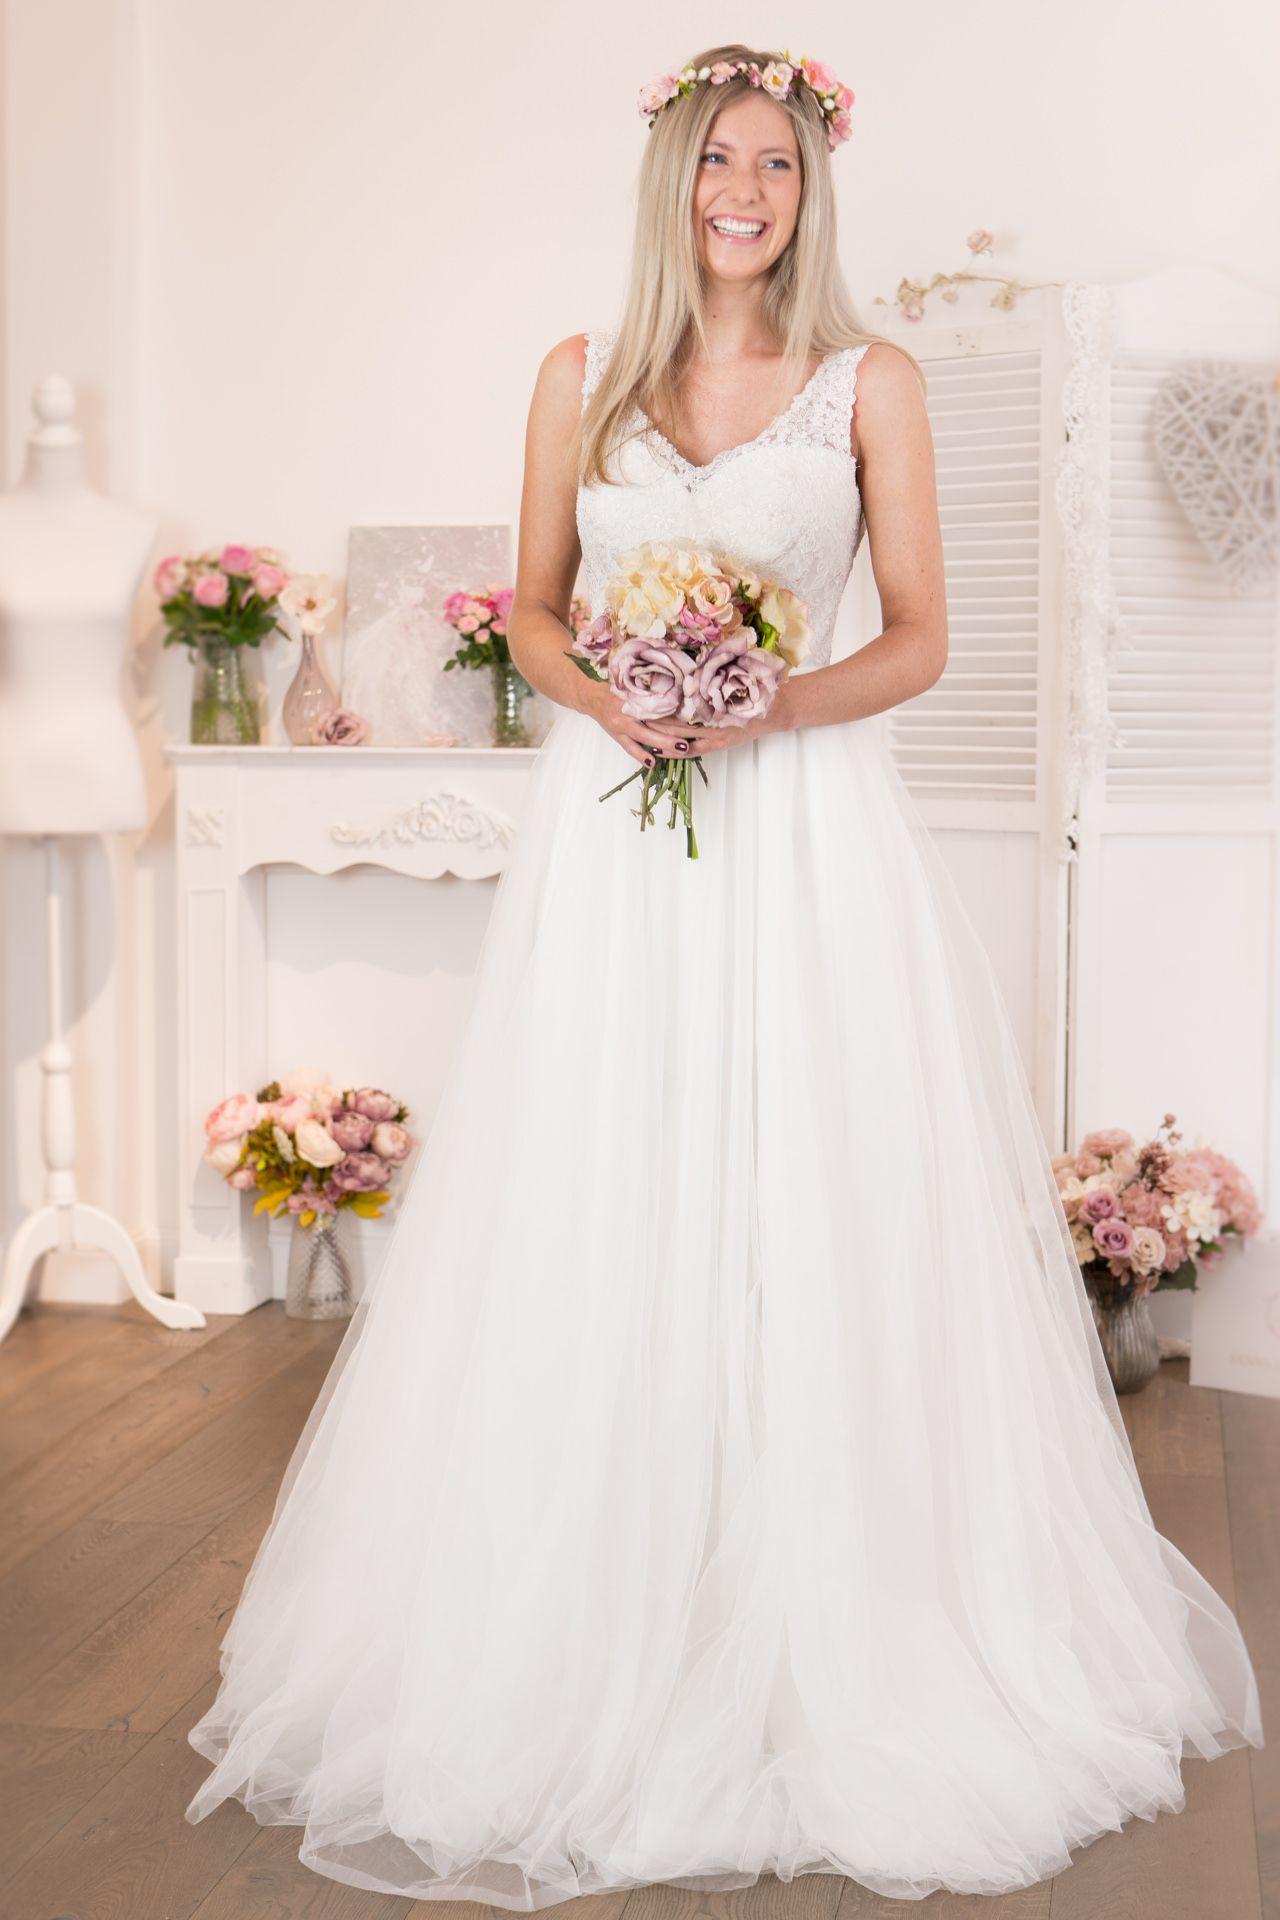 Kollektion In 2020 | Hochzeitskleid, Romantische